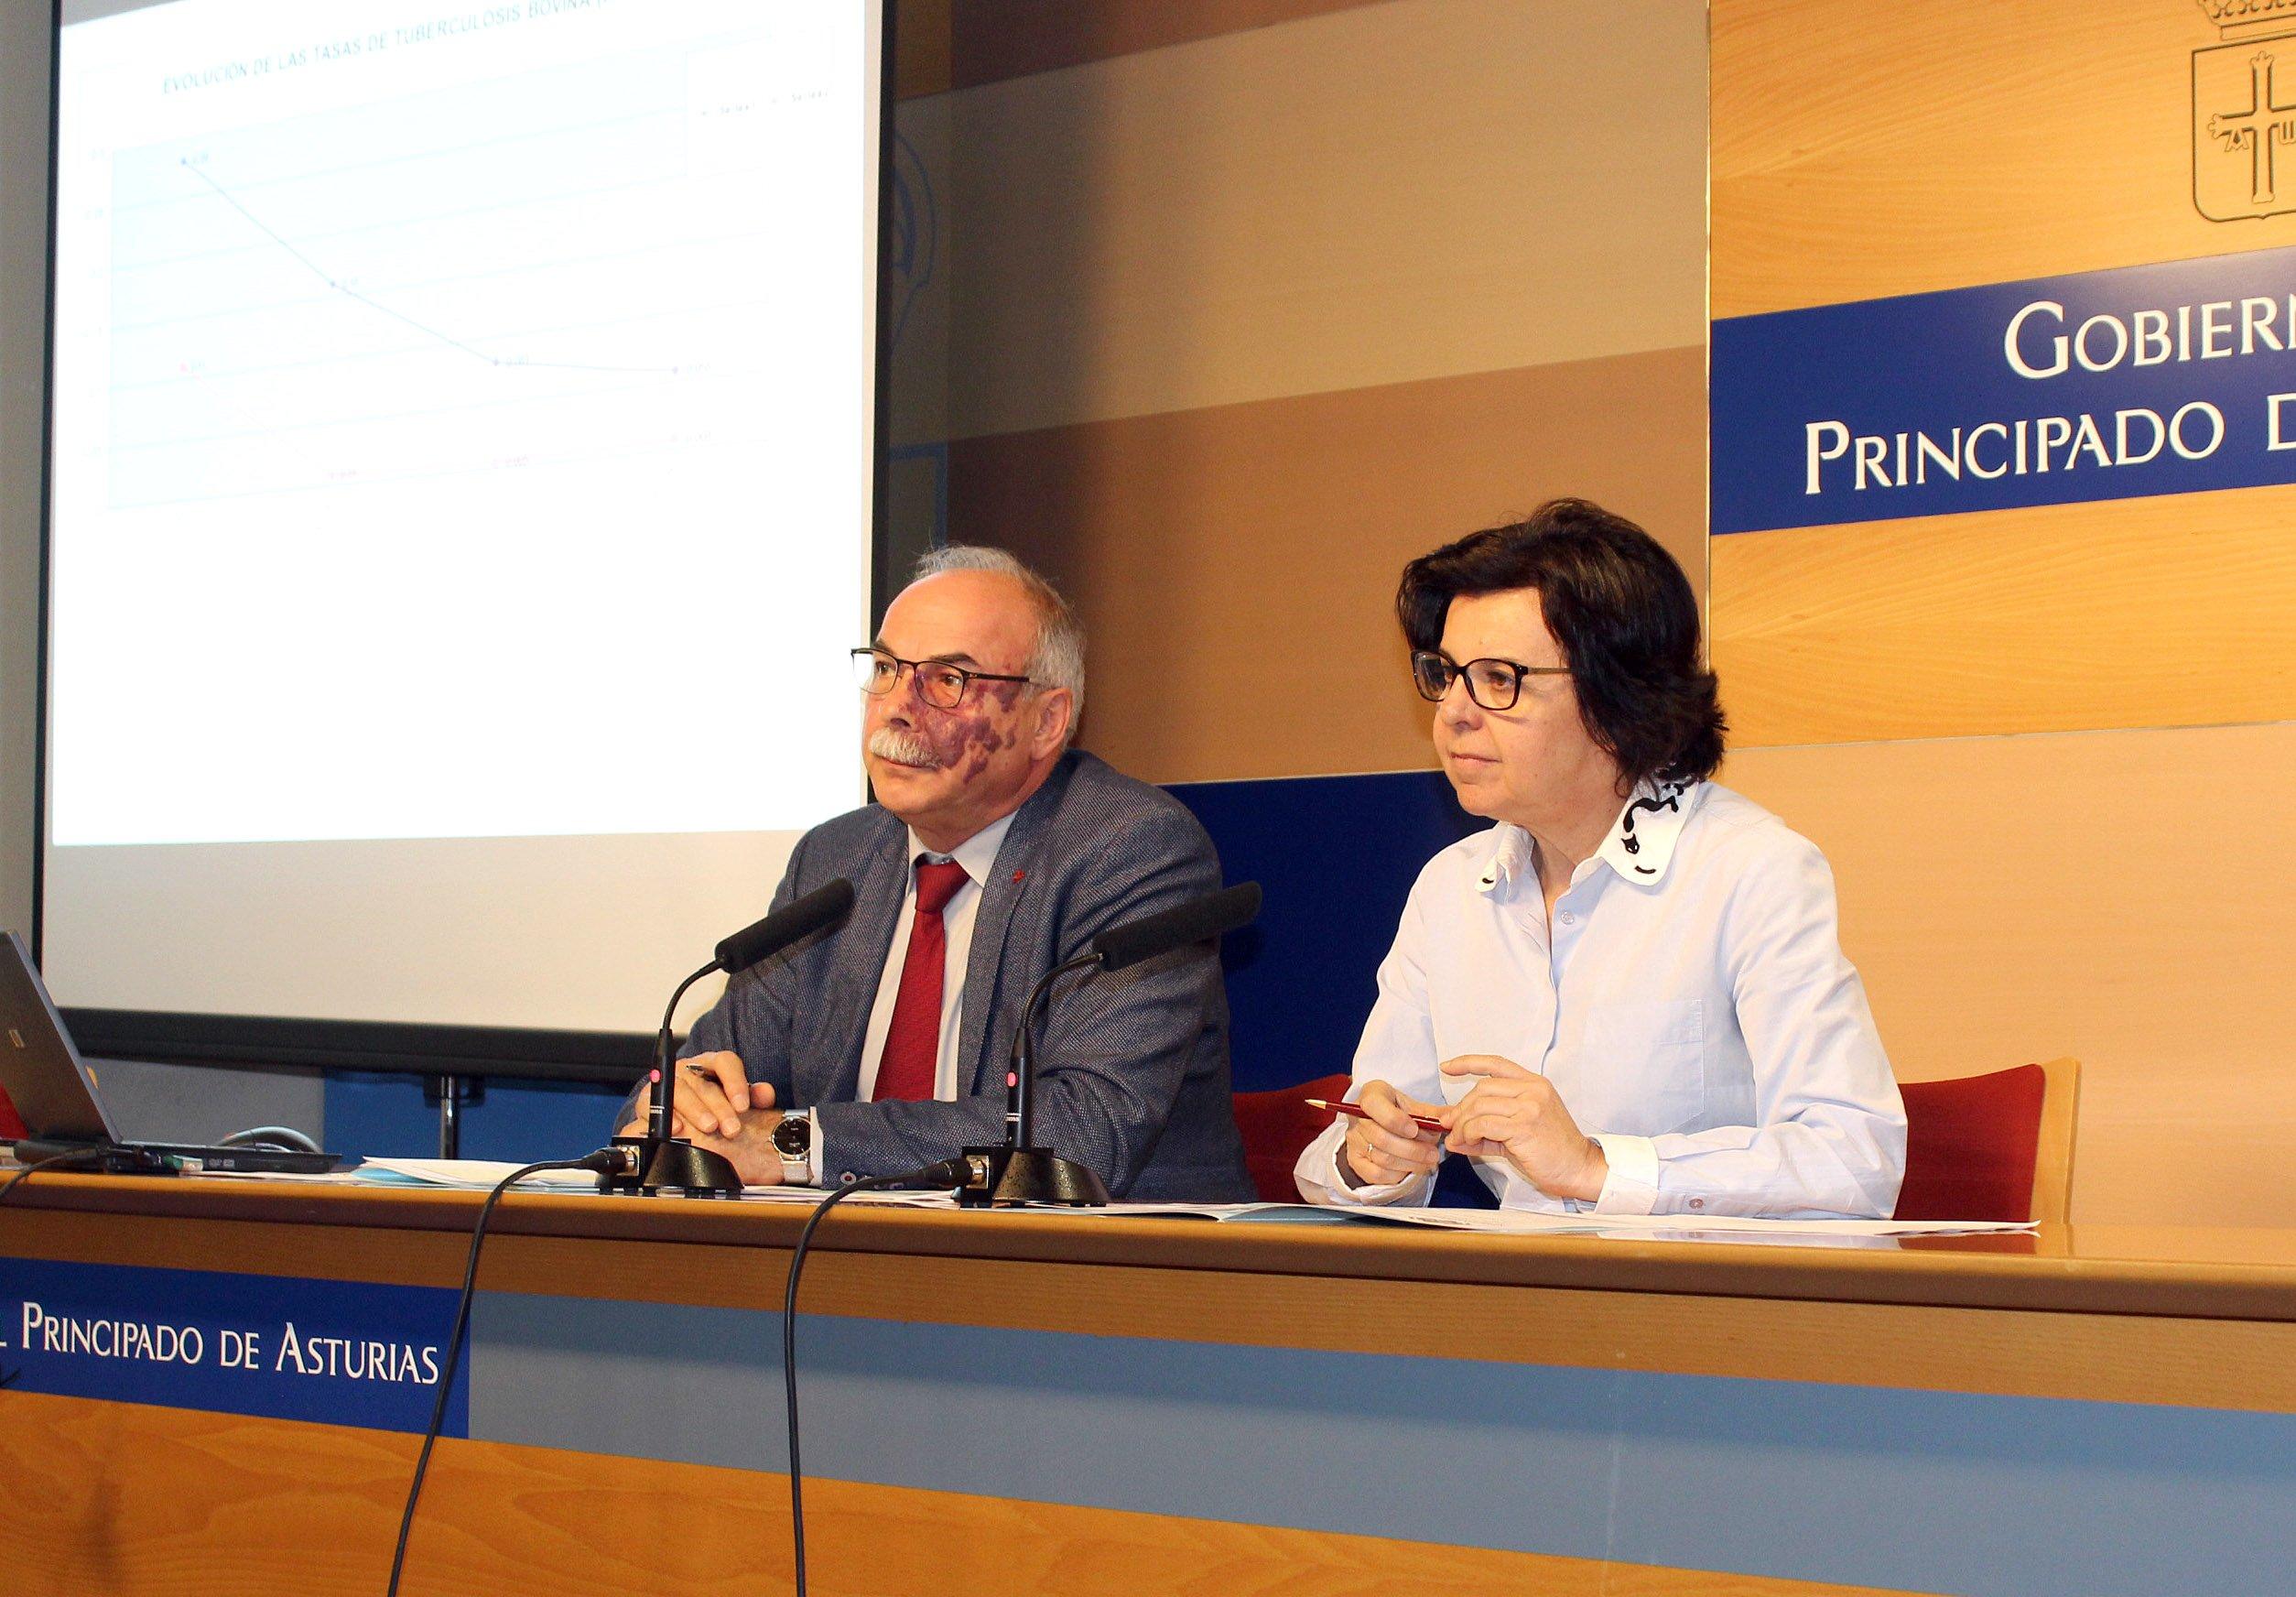 La  tuberculosis bovina se sitúa por debajo del 0,1% en Asturias, por segundo año consecutivo